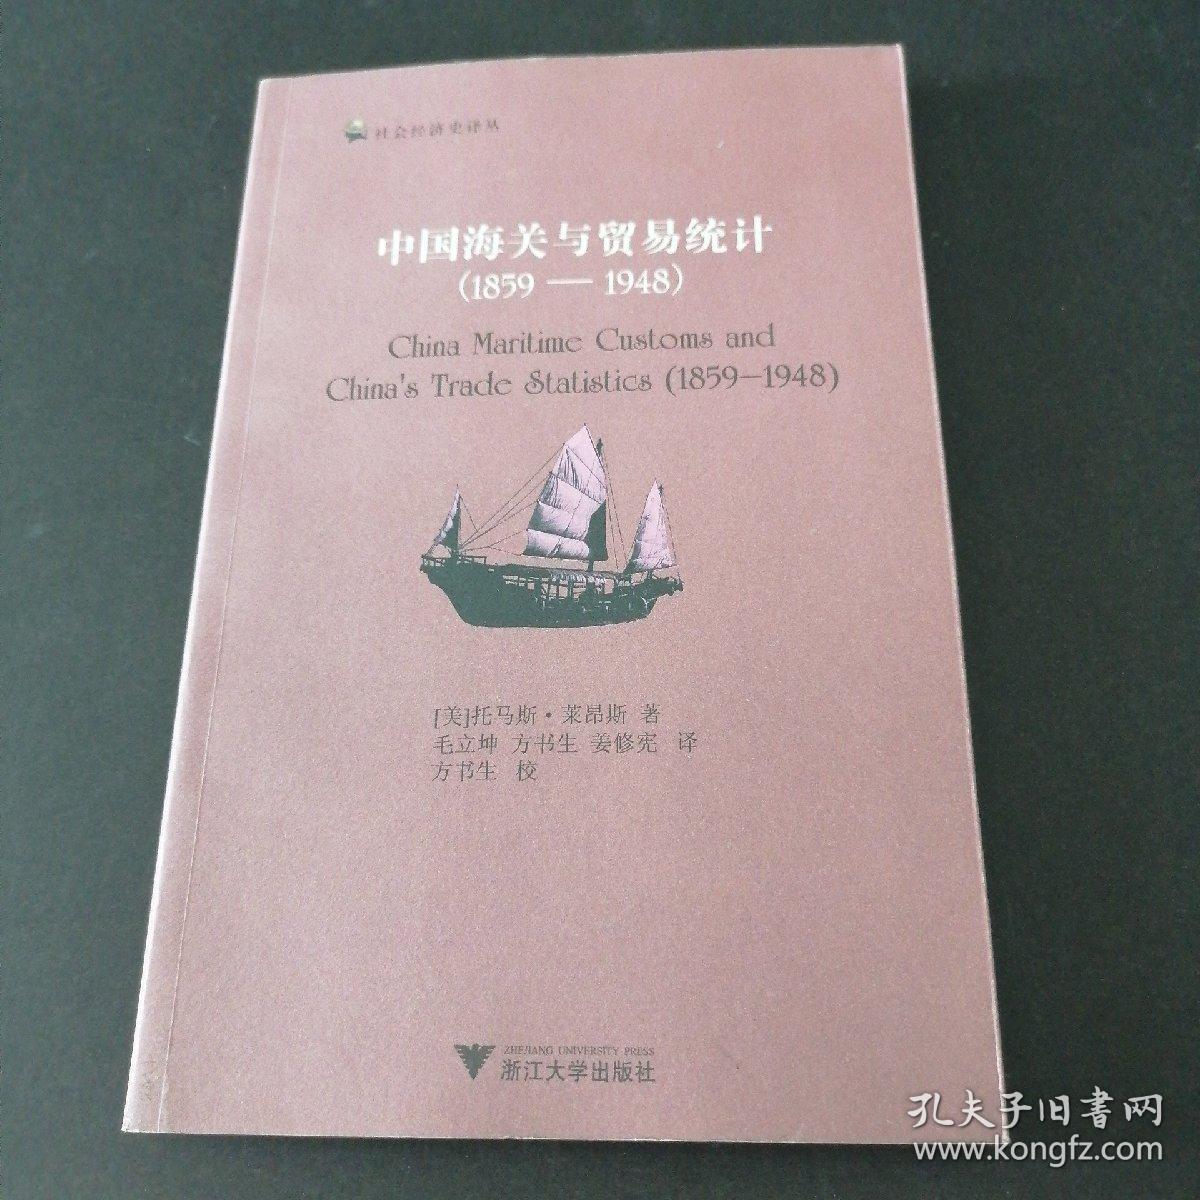 中国海关与贸易统计(1859—1948)